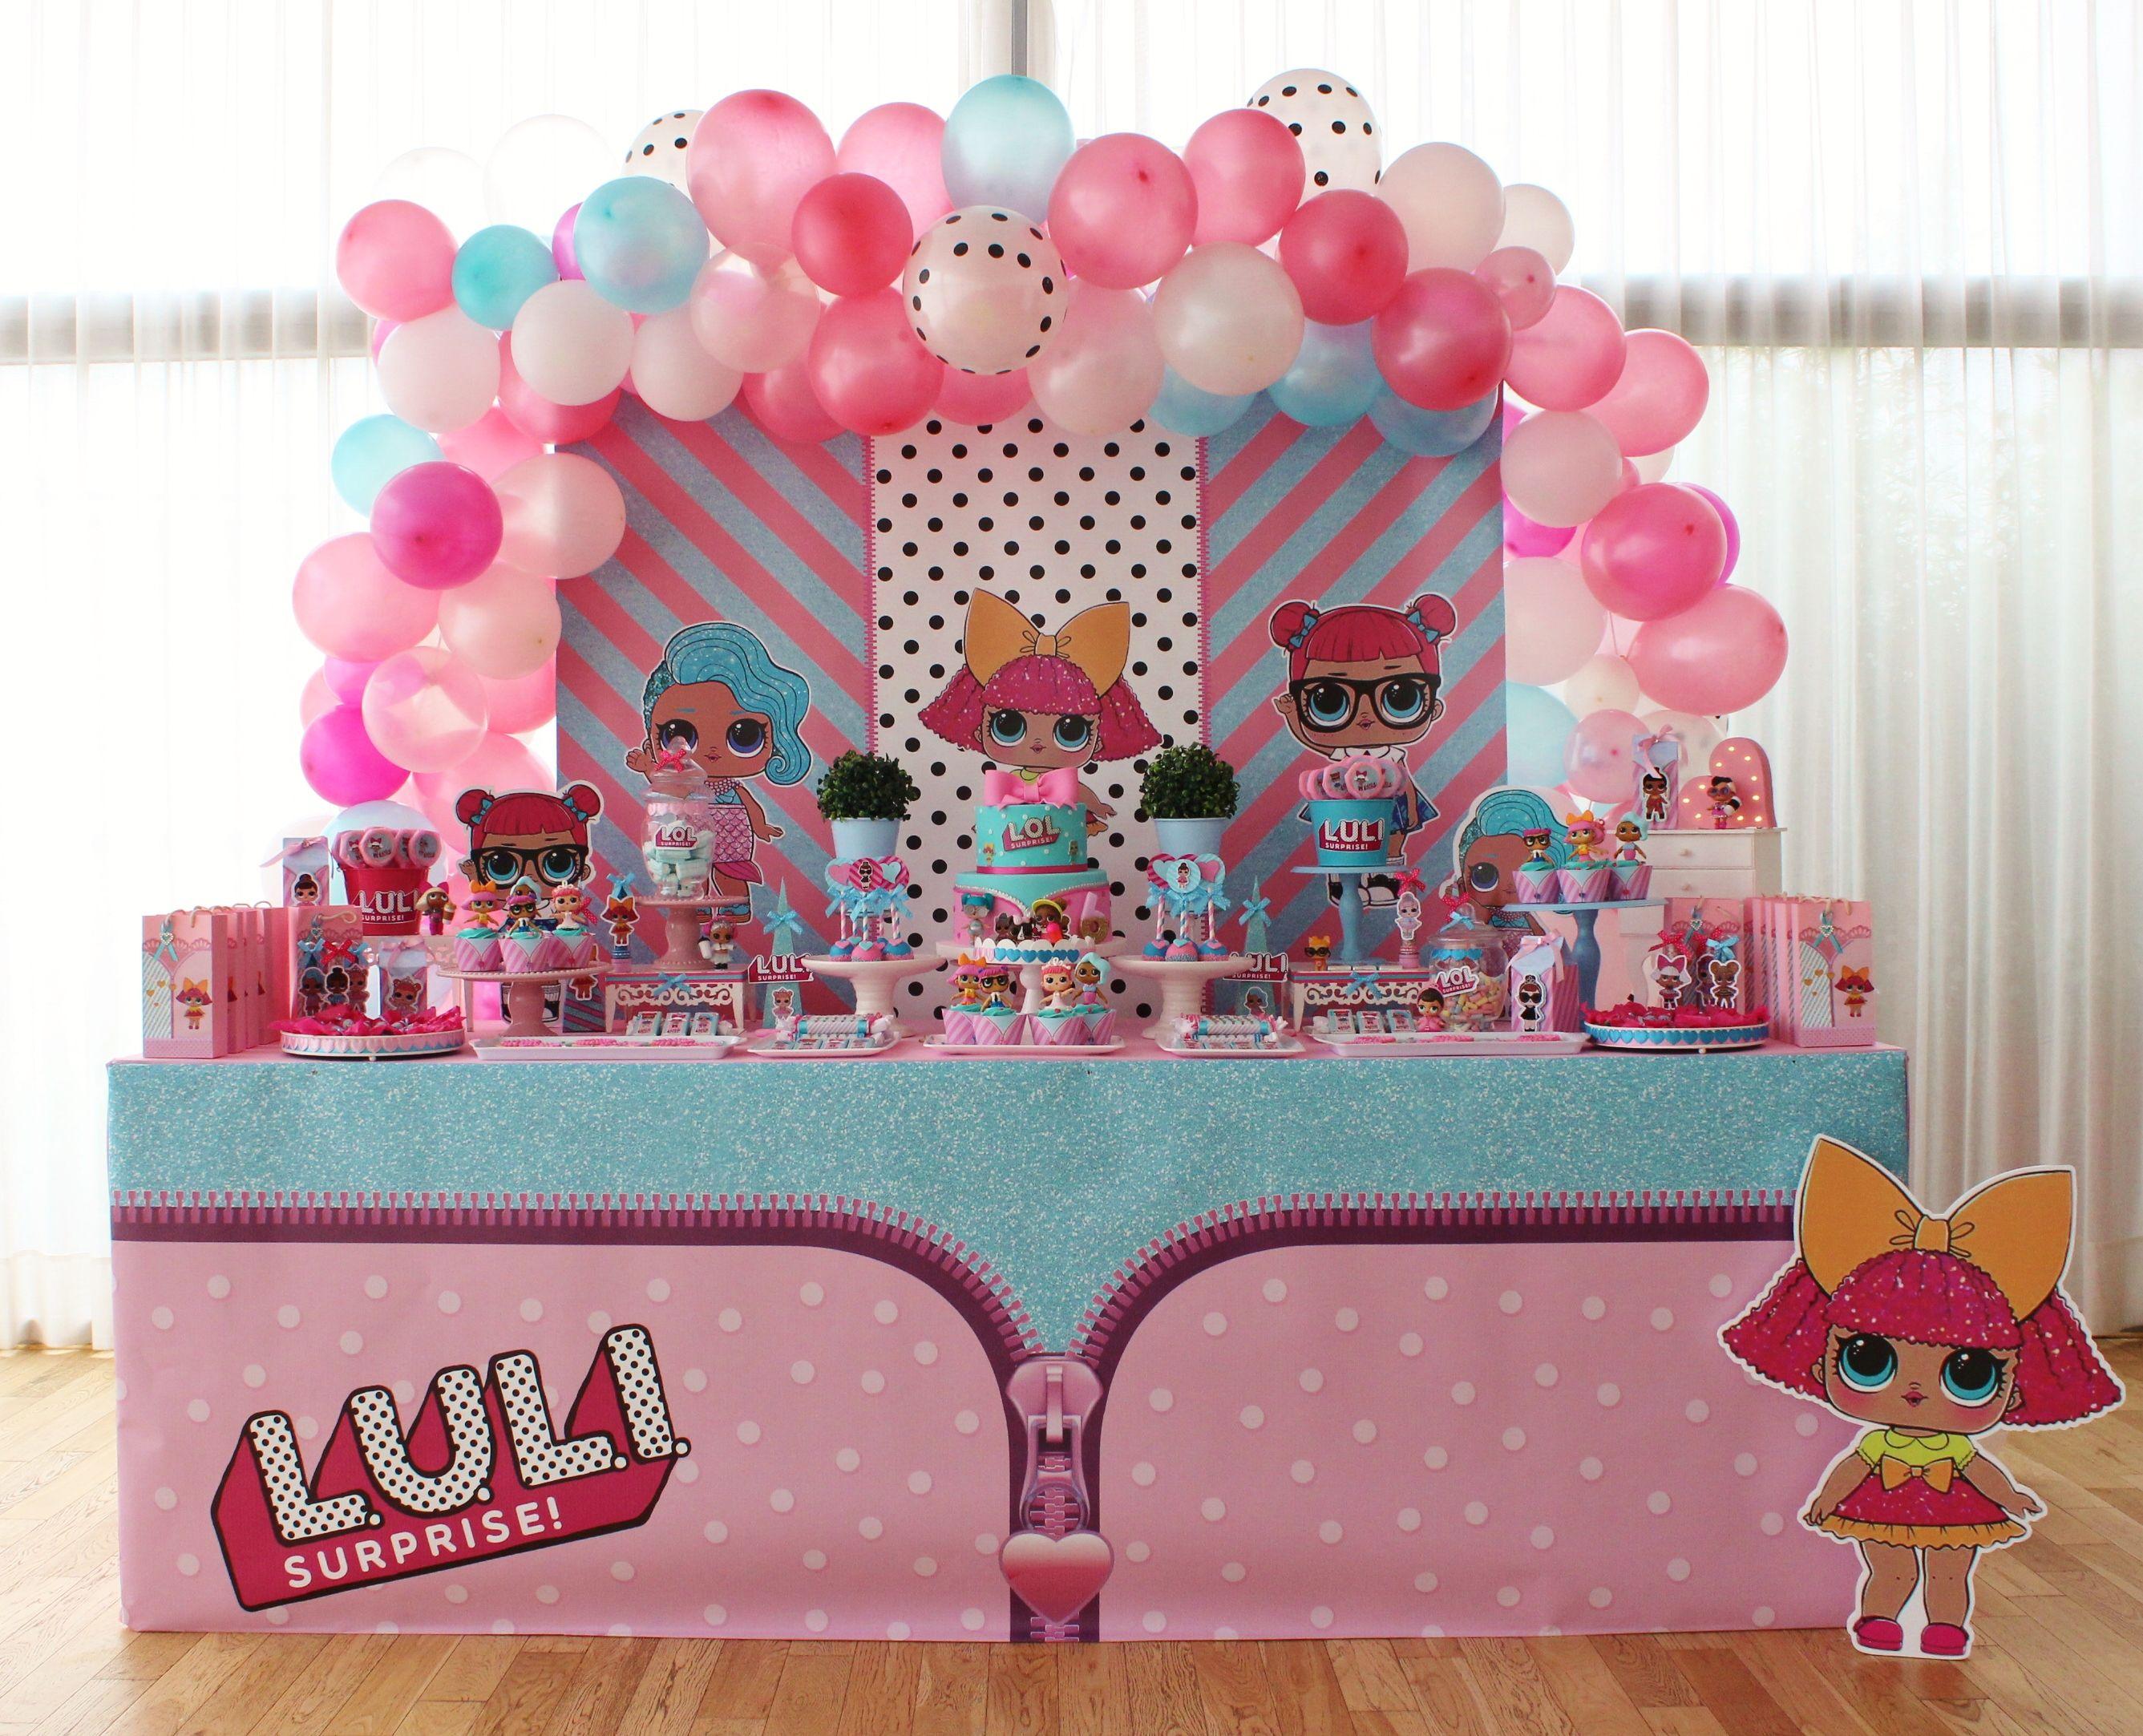 Festa A Sorpresa Di Compleanno lol surprise doll violeta glace violetaglace@gmail (con